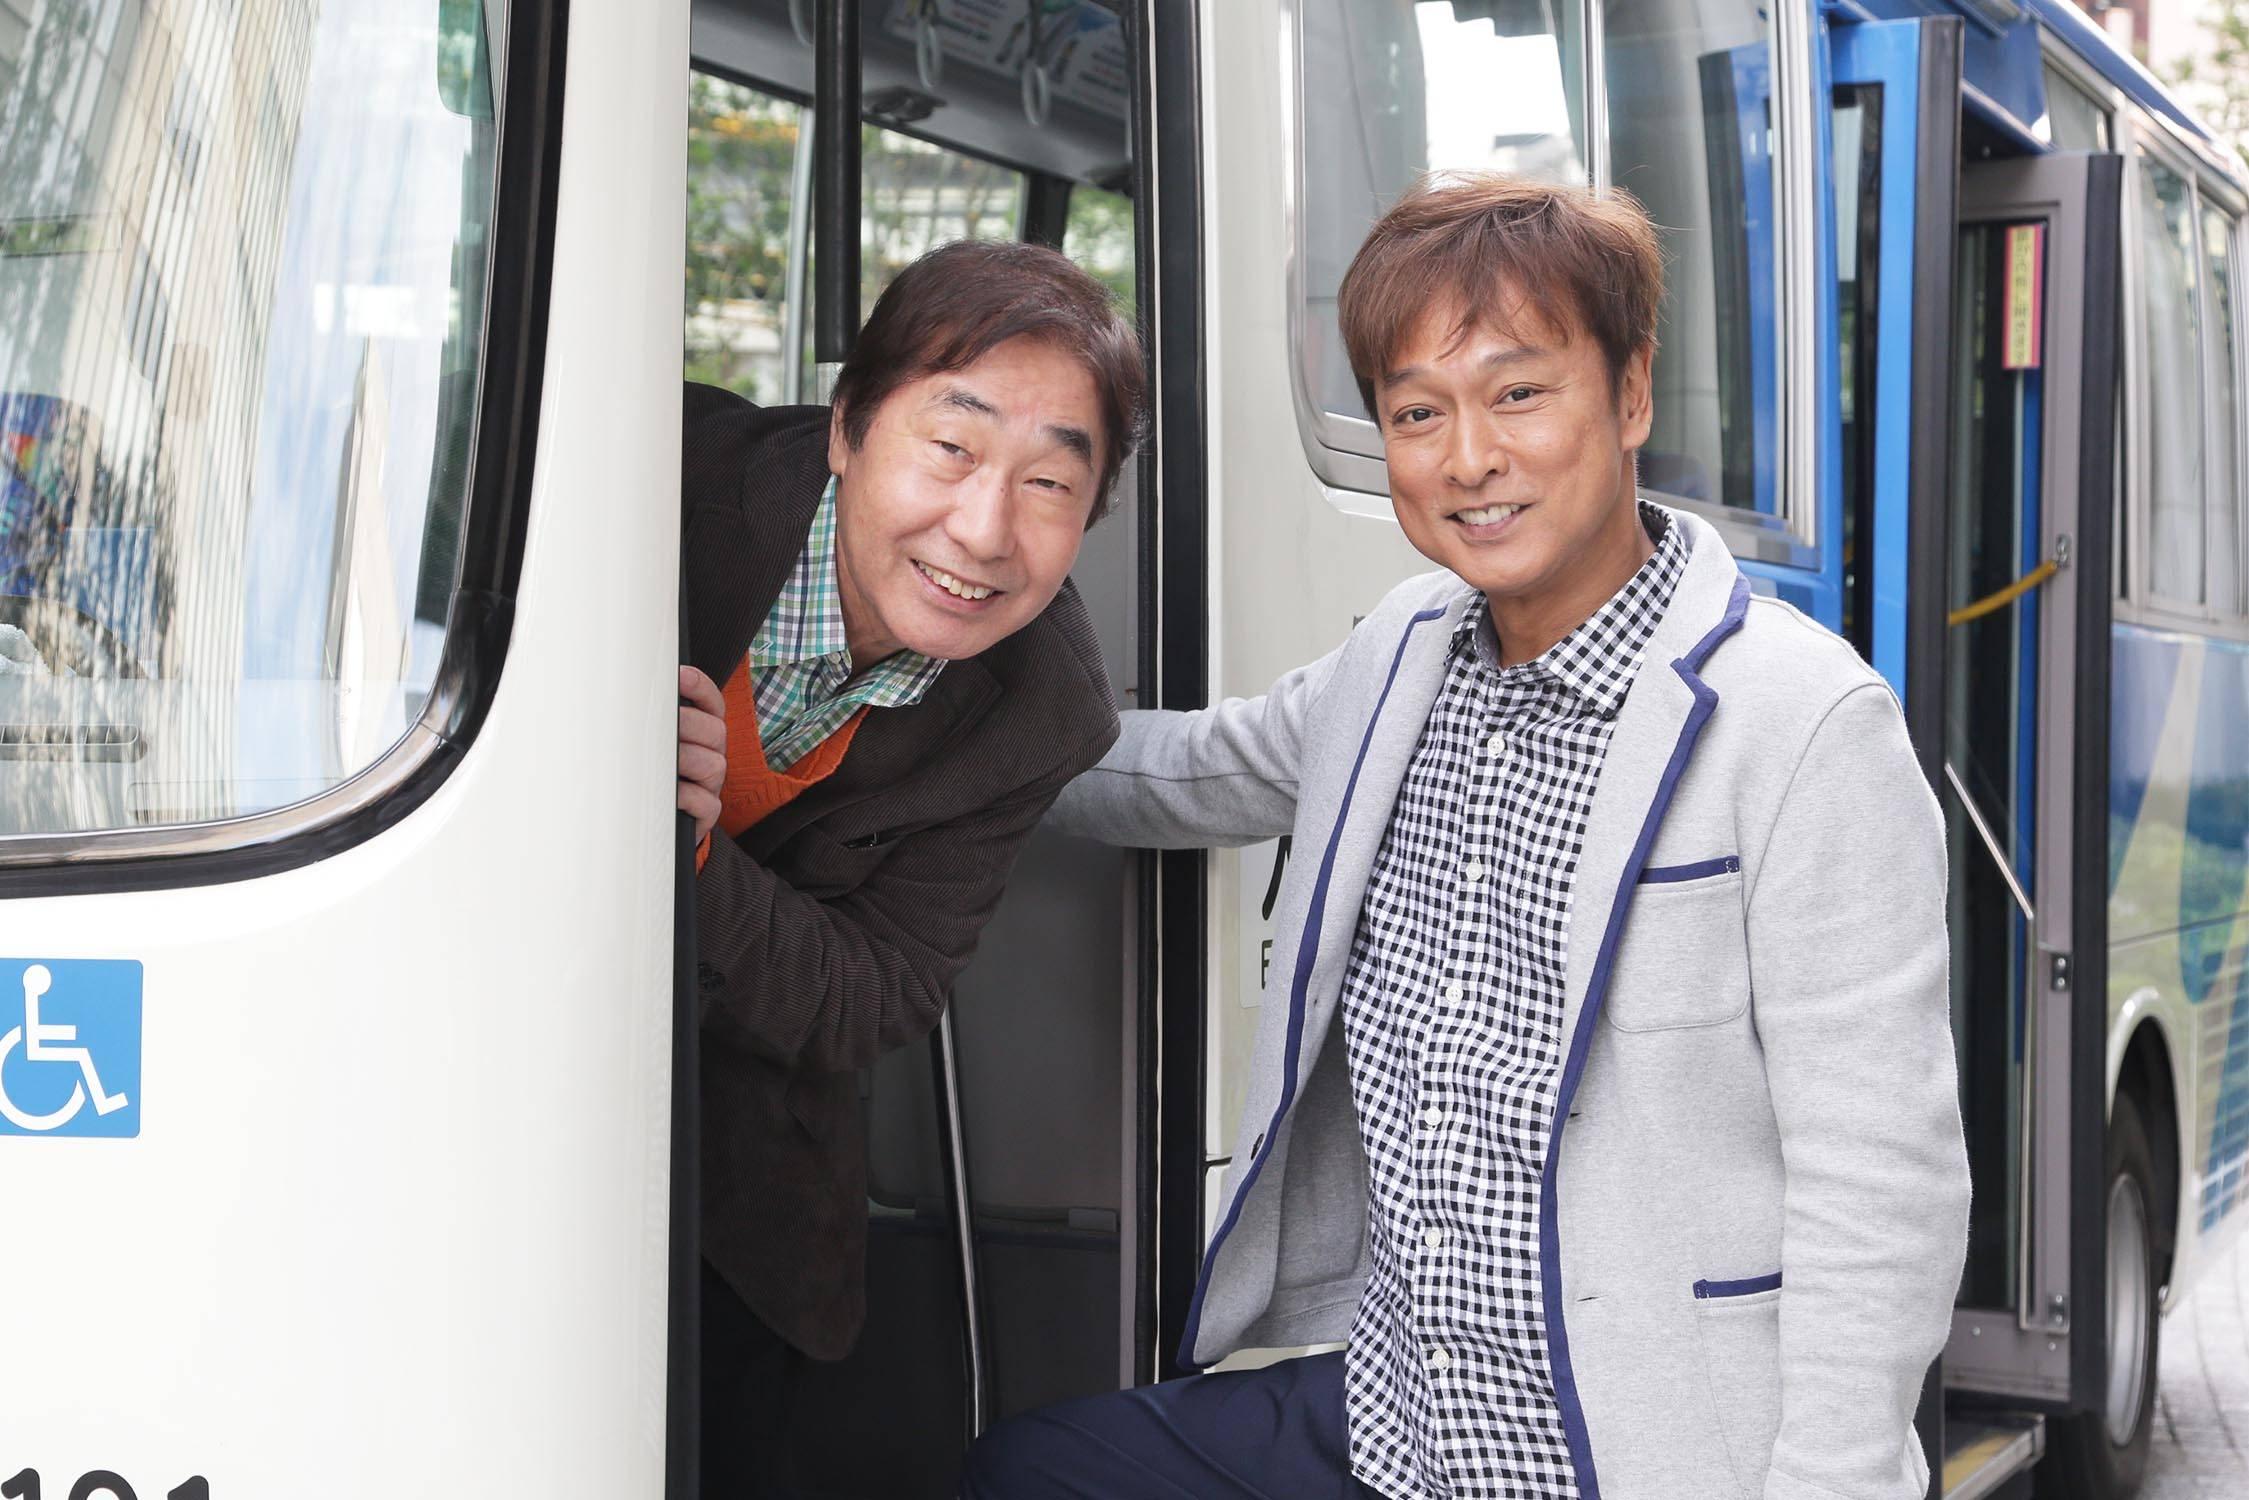 路線 バス classic ローカル 乗り継ぎ の 旅